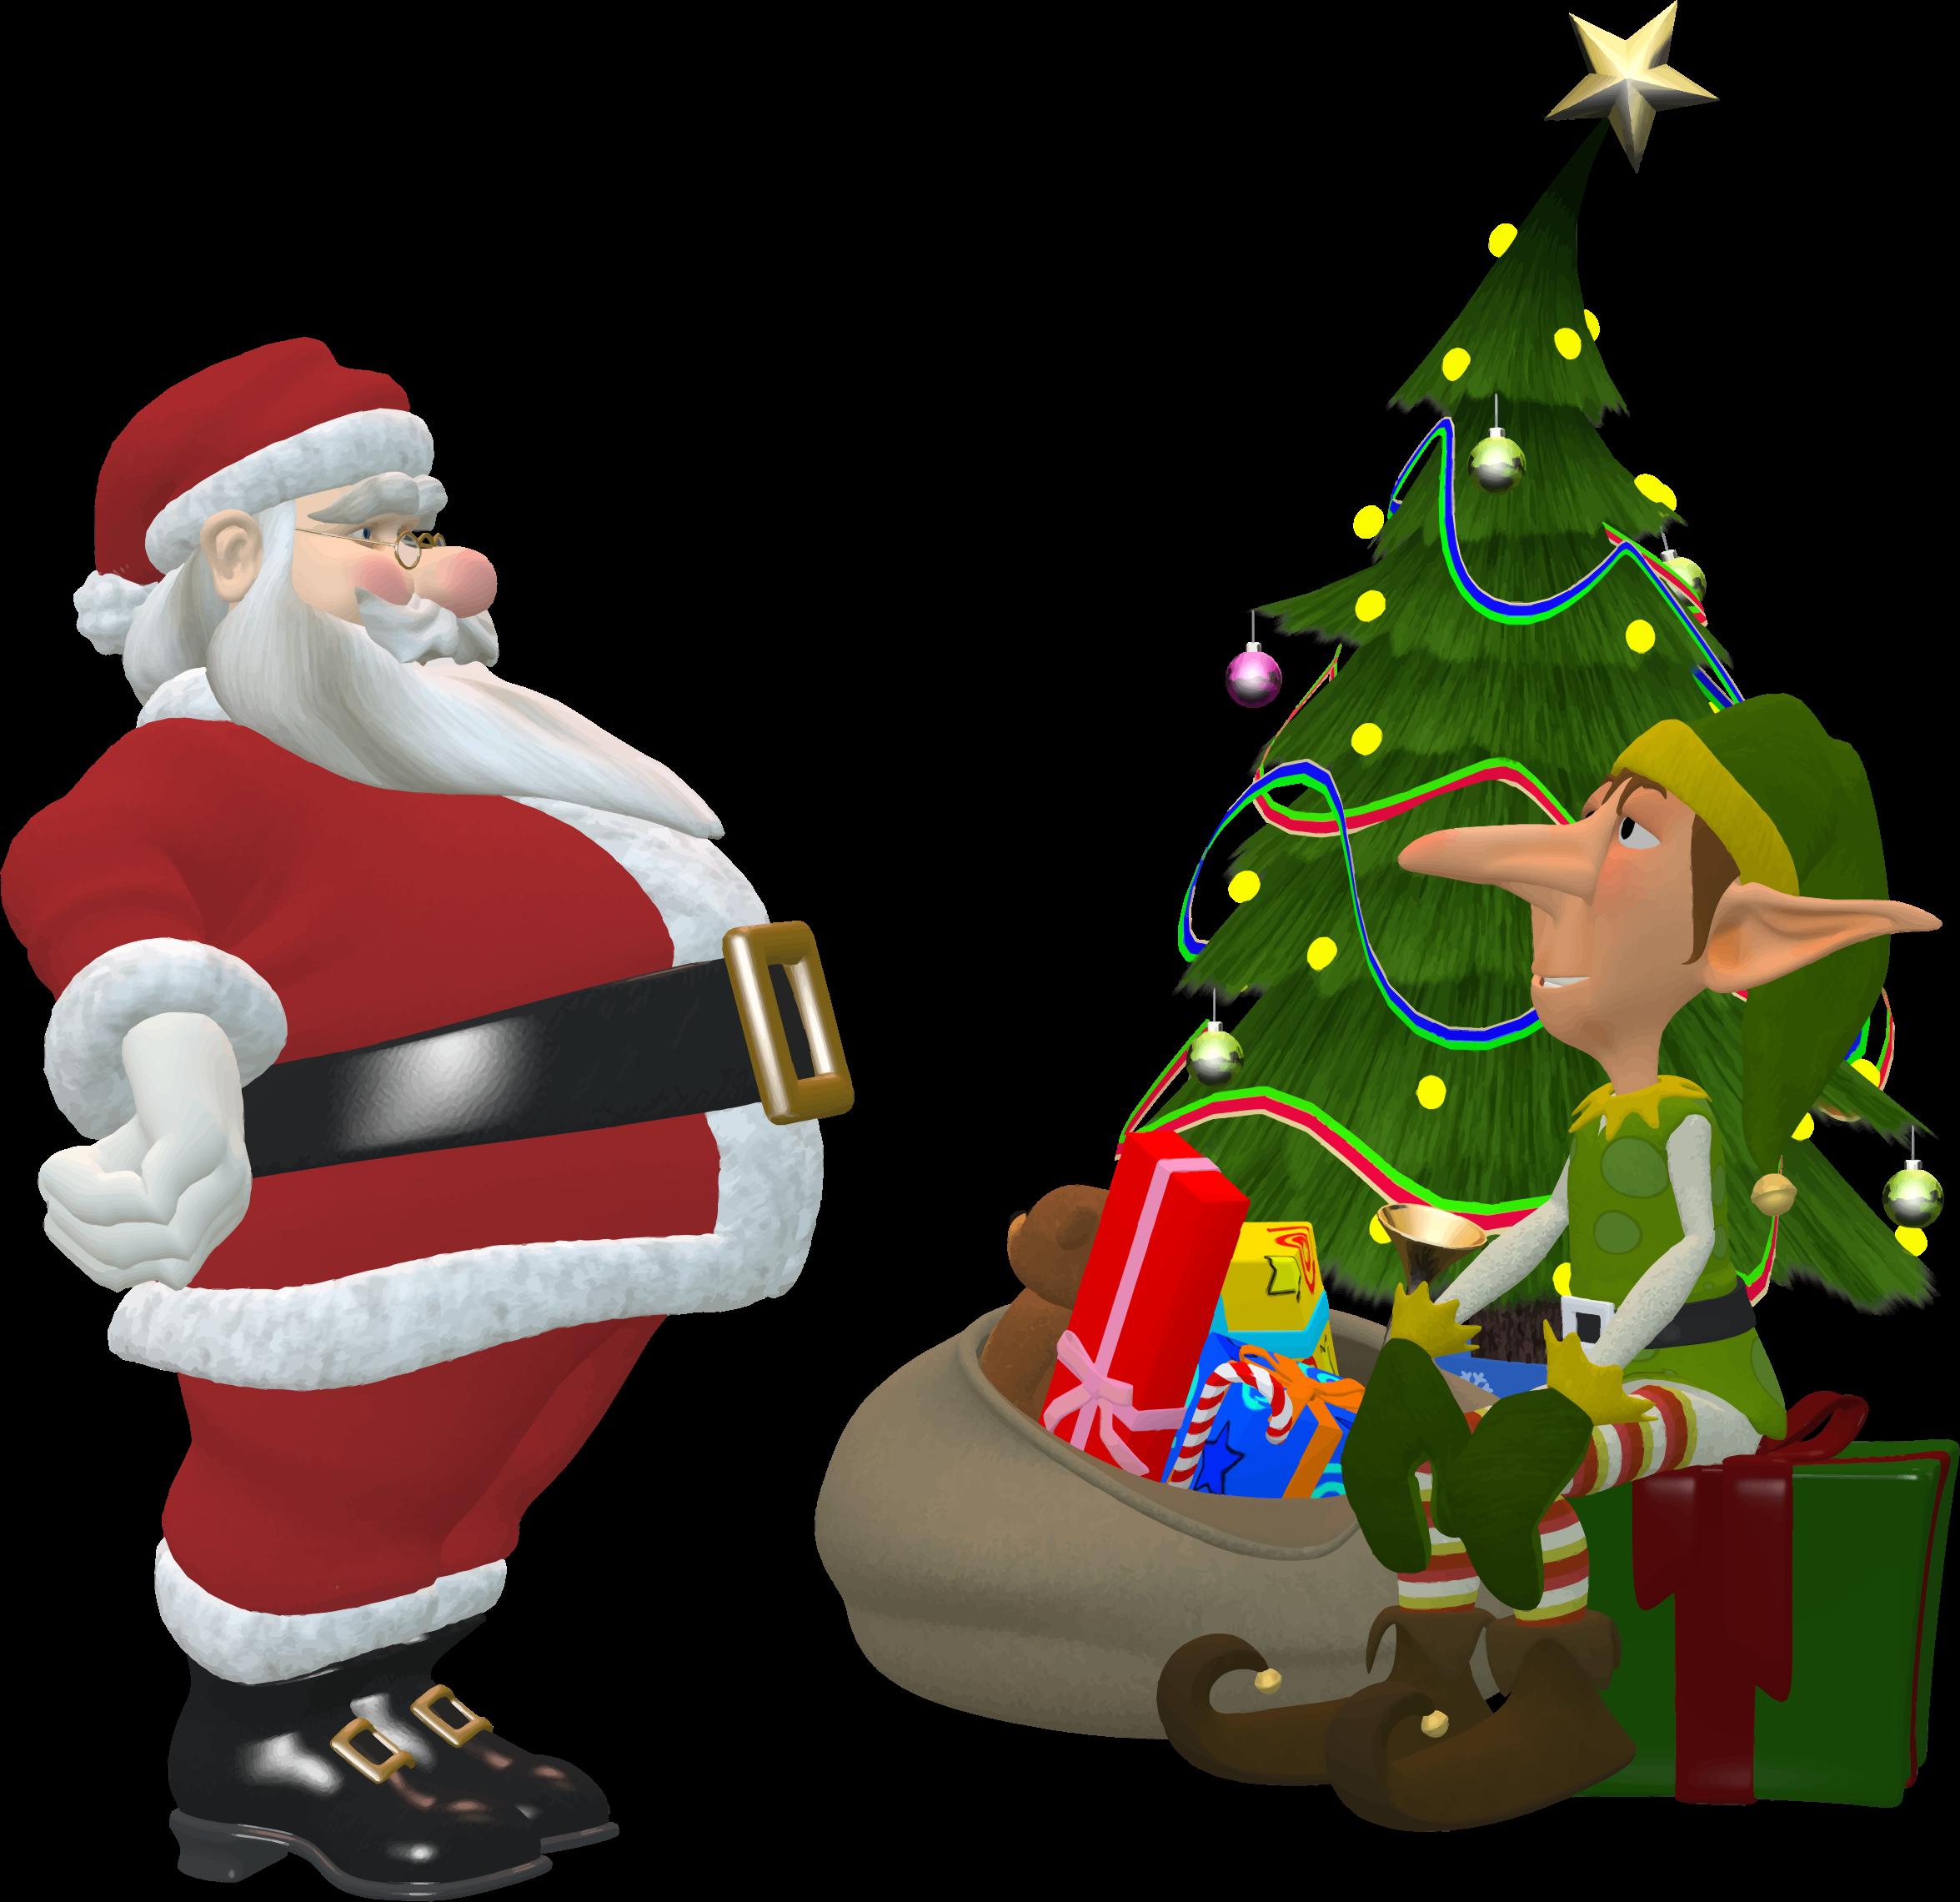 Elf clipart small And Claus And Santa Santa